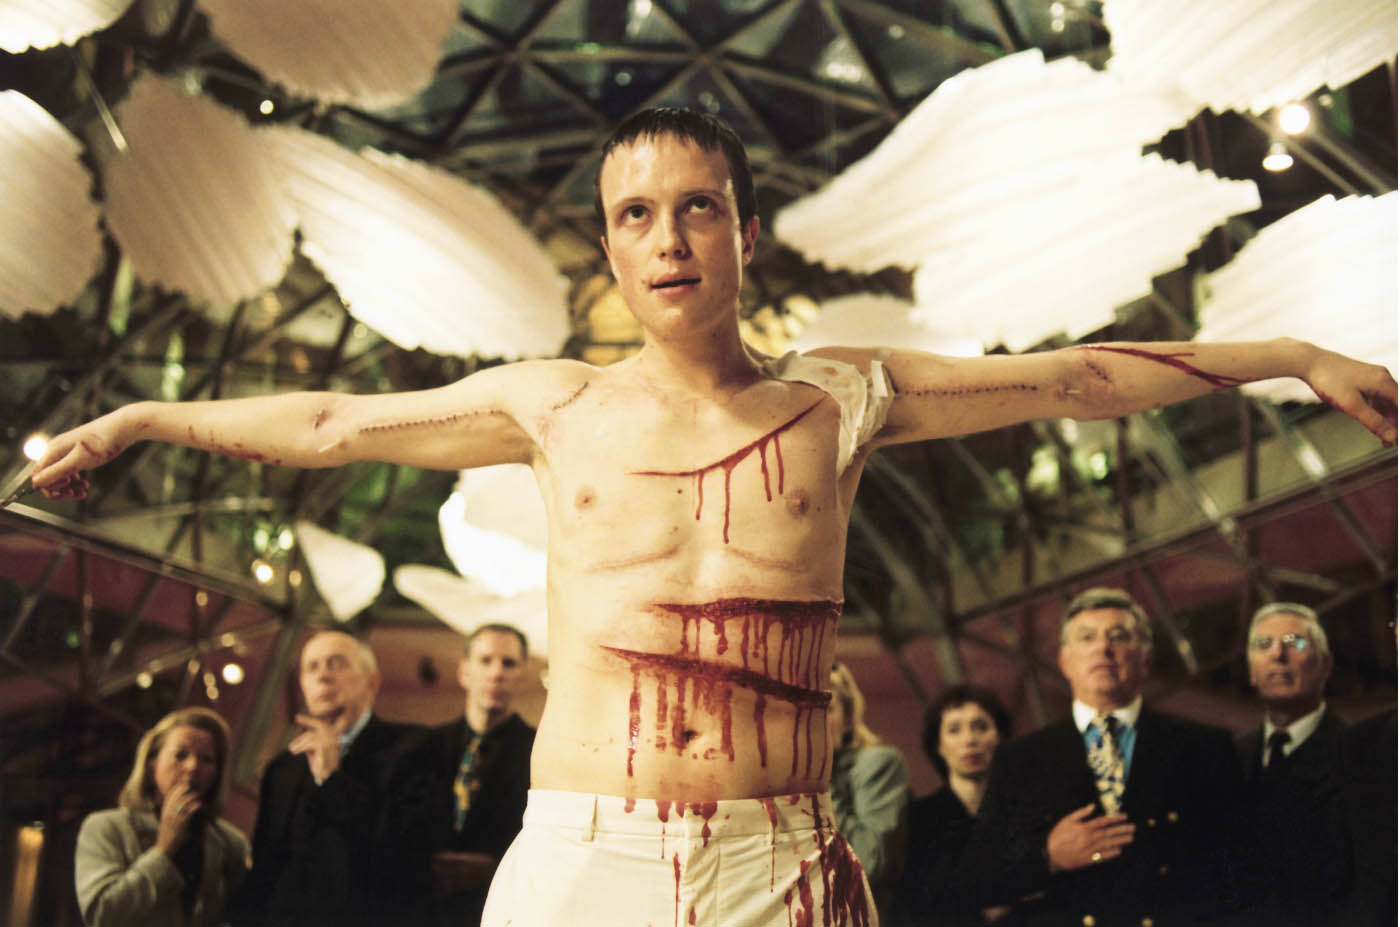 Anatomie 2 Film (2003) · Trailer · Kritik · KINO.de